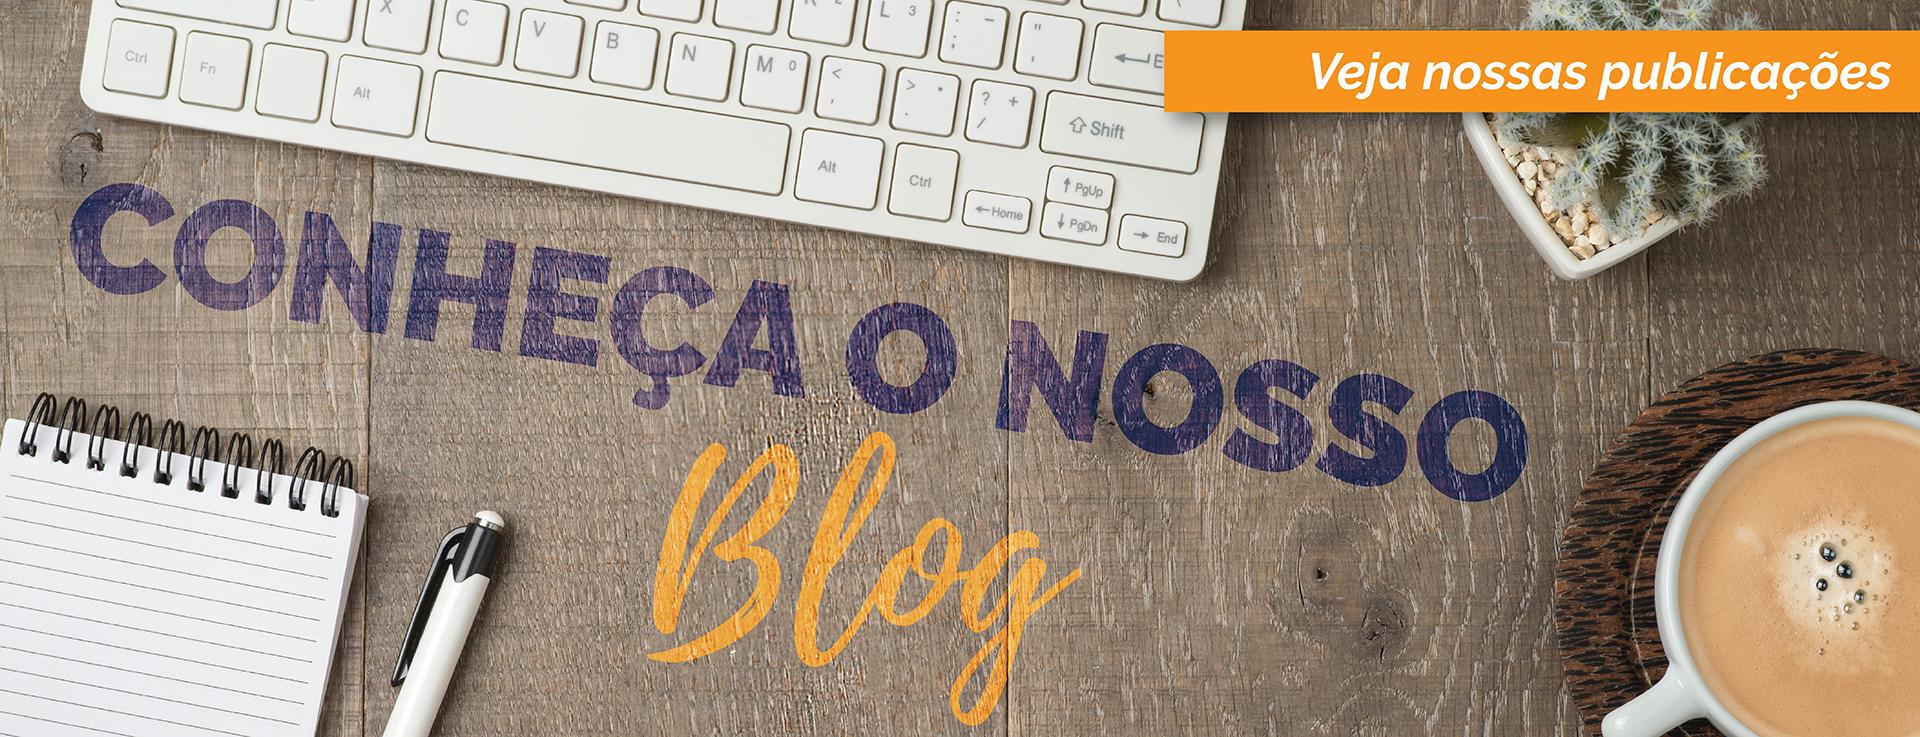 Blog Gênio Criador